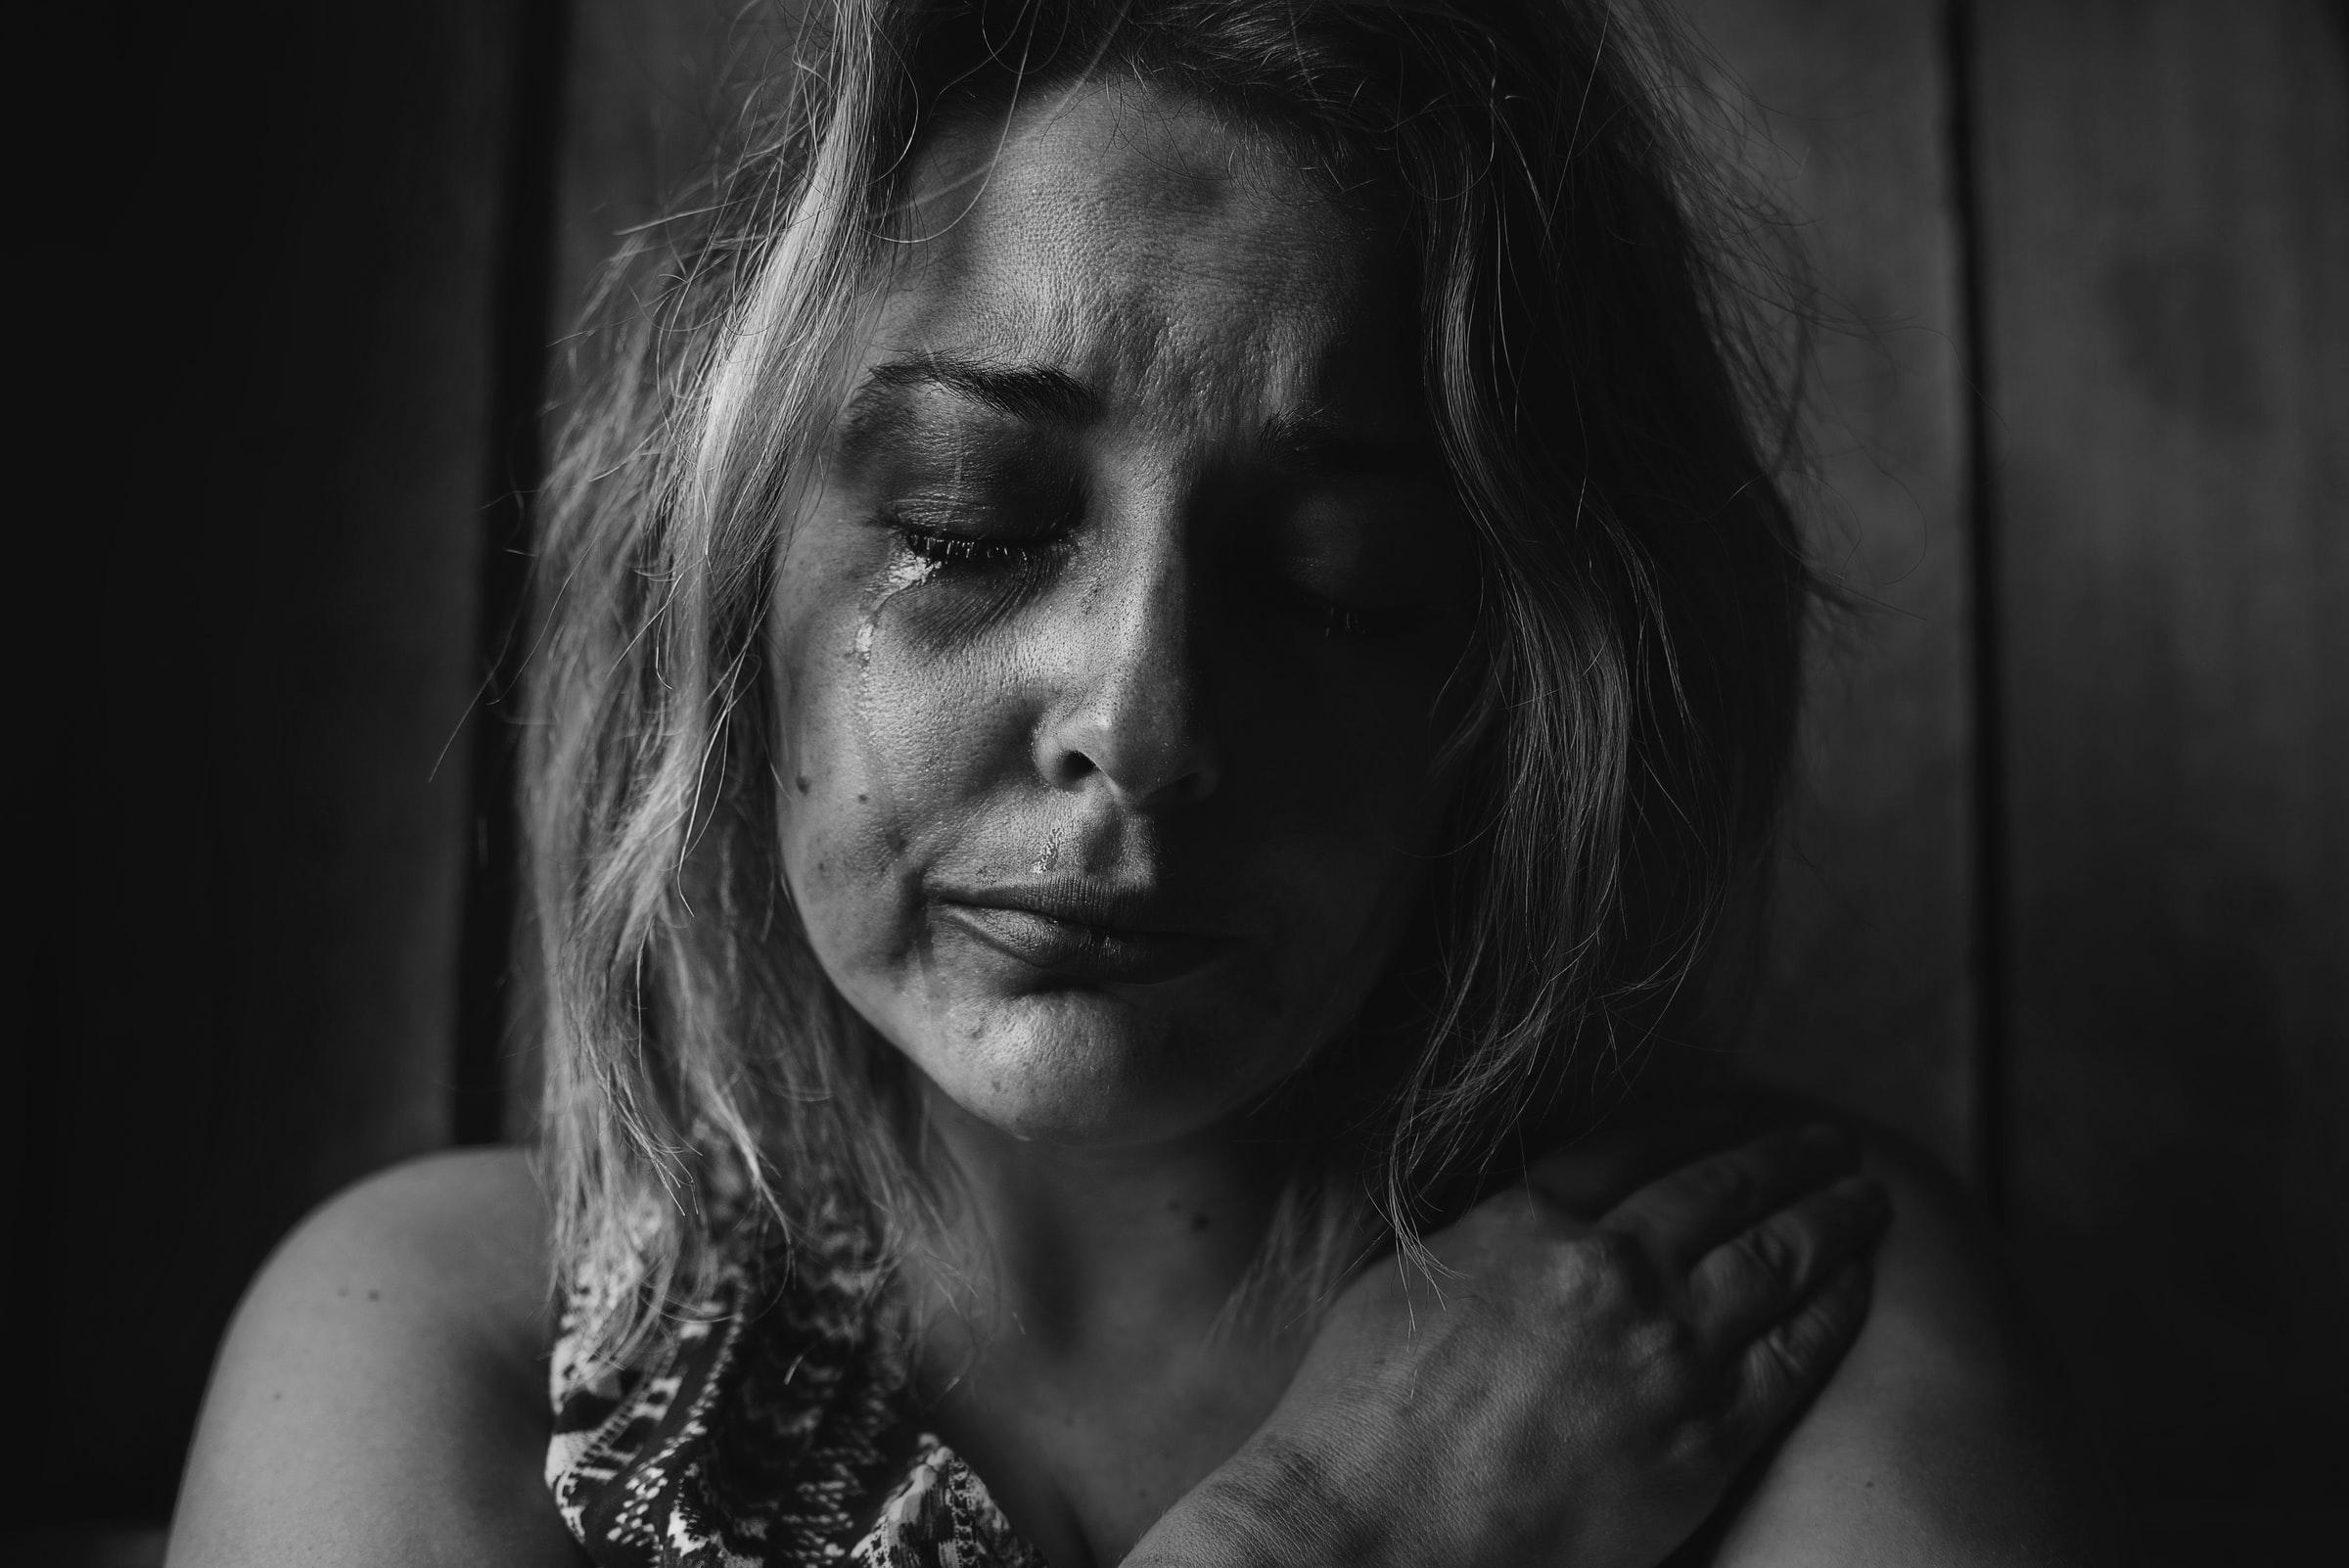 Violence sexuelle, agression, dénonciation